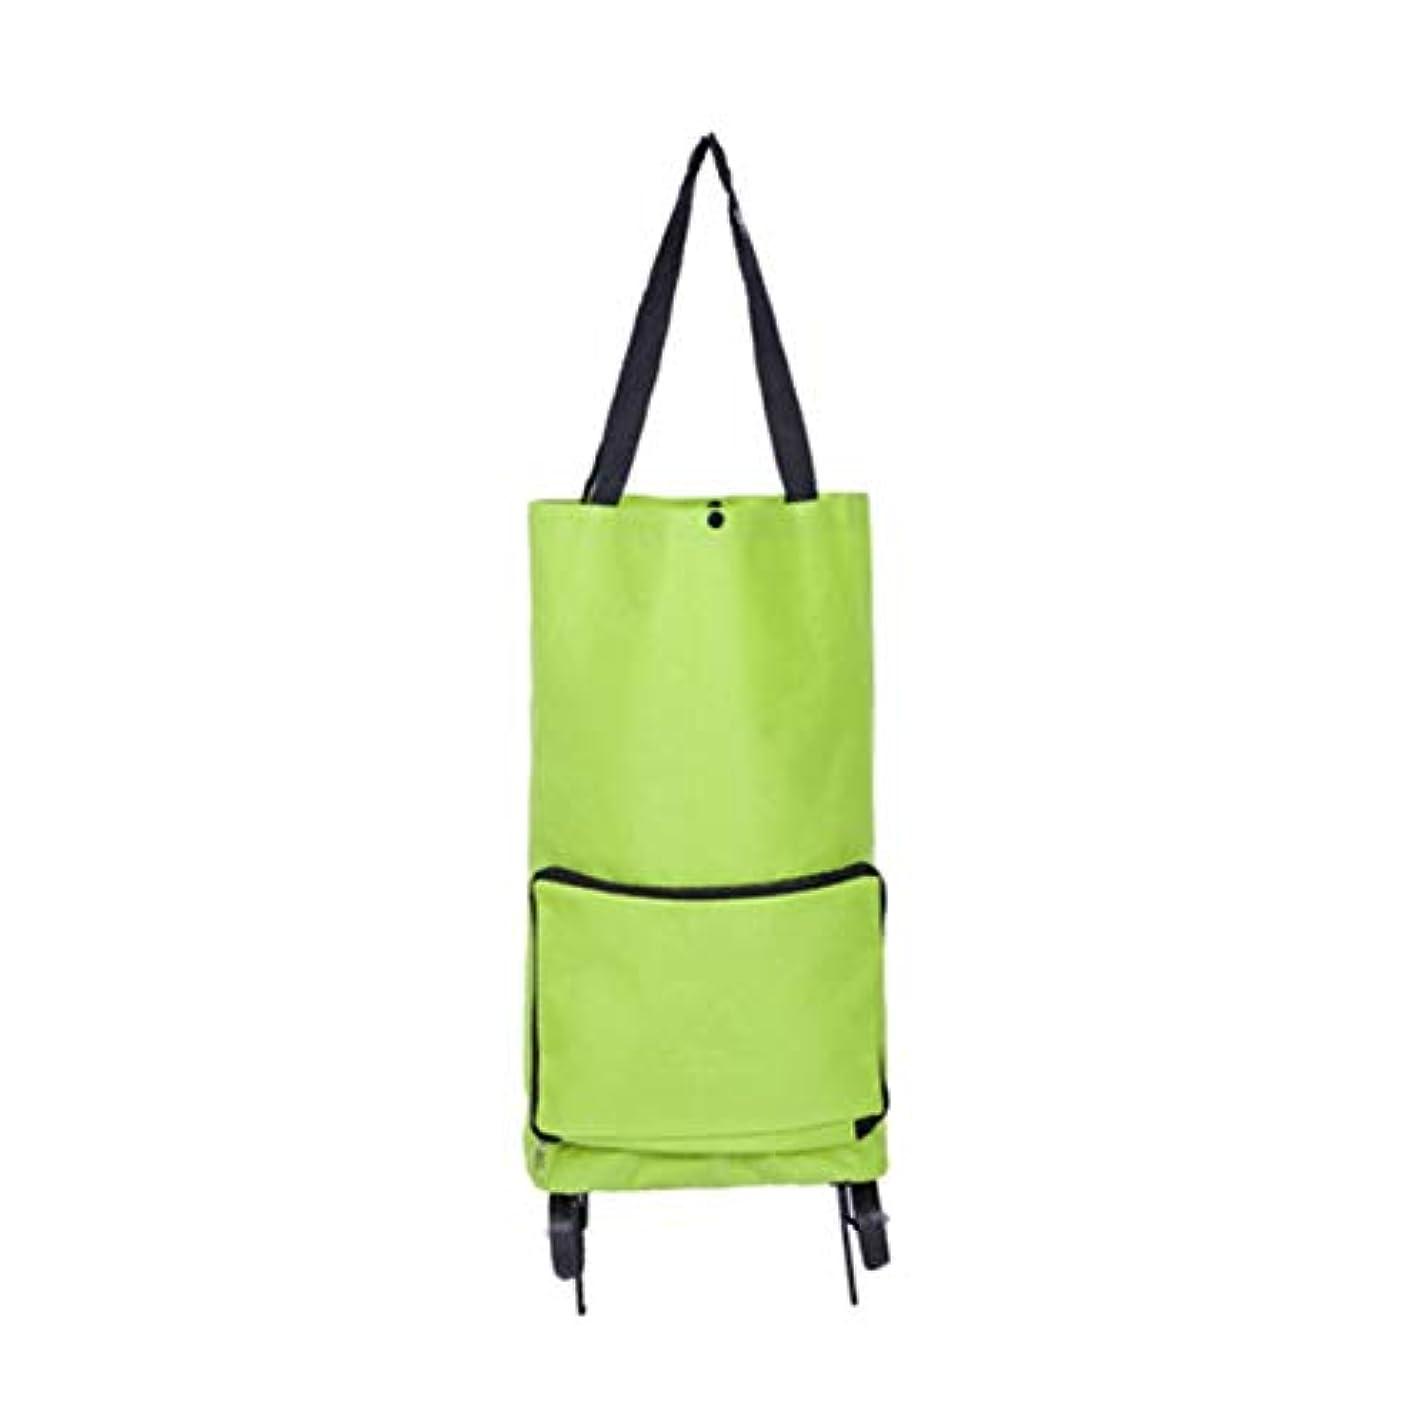 尊敬する酸化する報復Saikogoods 多機能防水オックスフォード布折り畳み式SupermarkerショッピングトロリーホイールバッグTravalカート荷物バッグ 緑